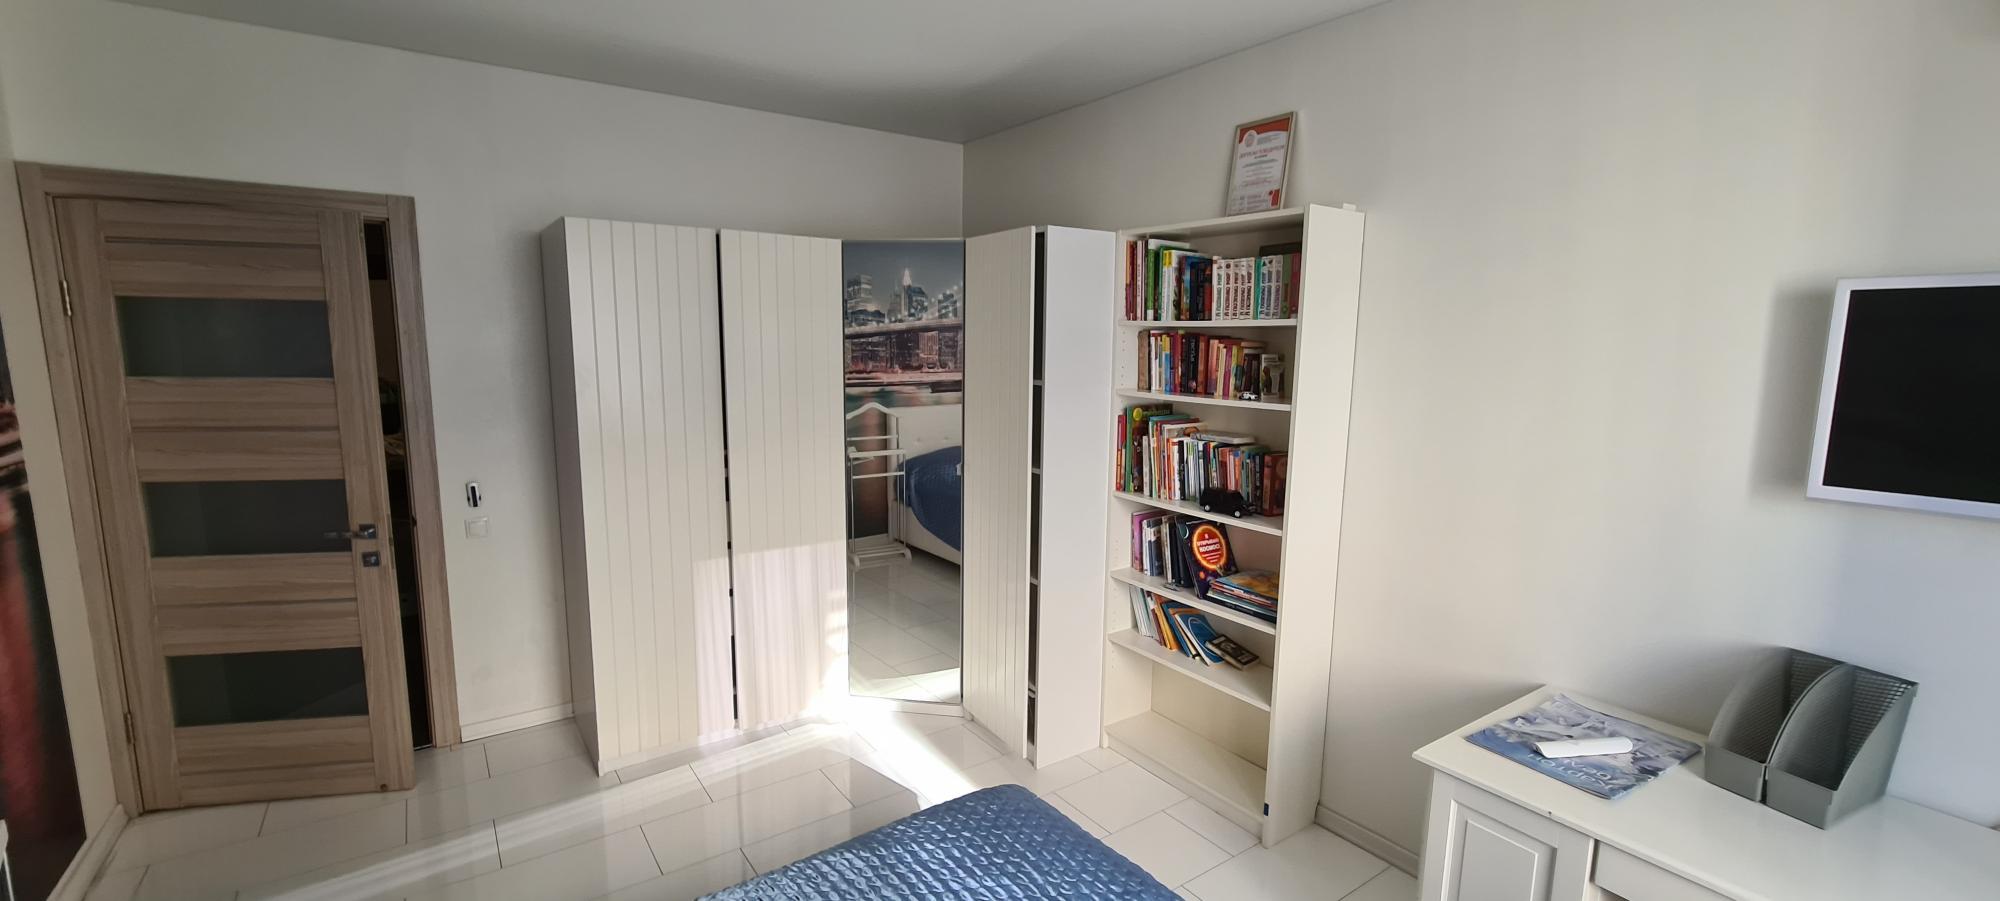 Квартира, 3 комнаты, 96 м² в Москве 89154177177 купить 3